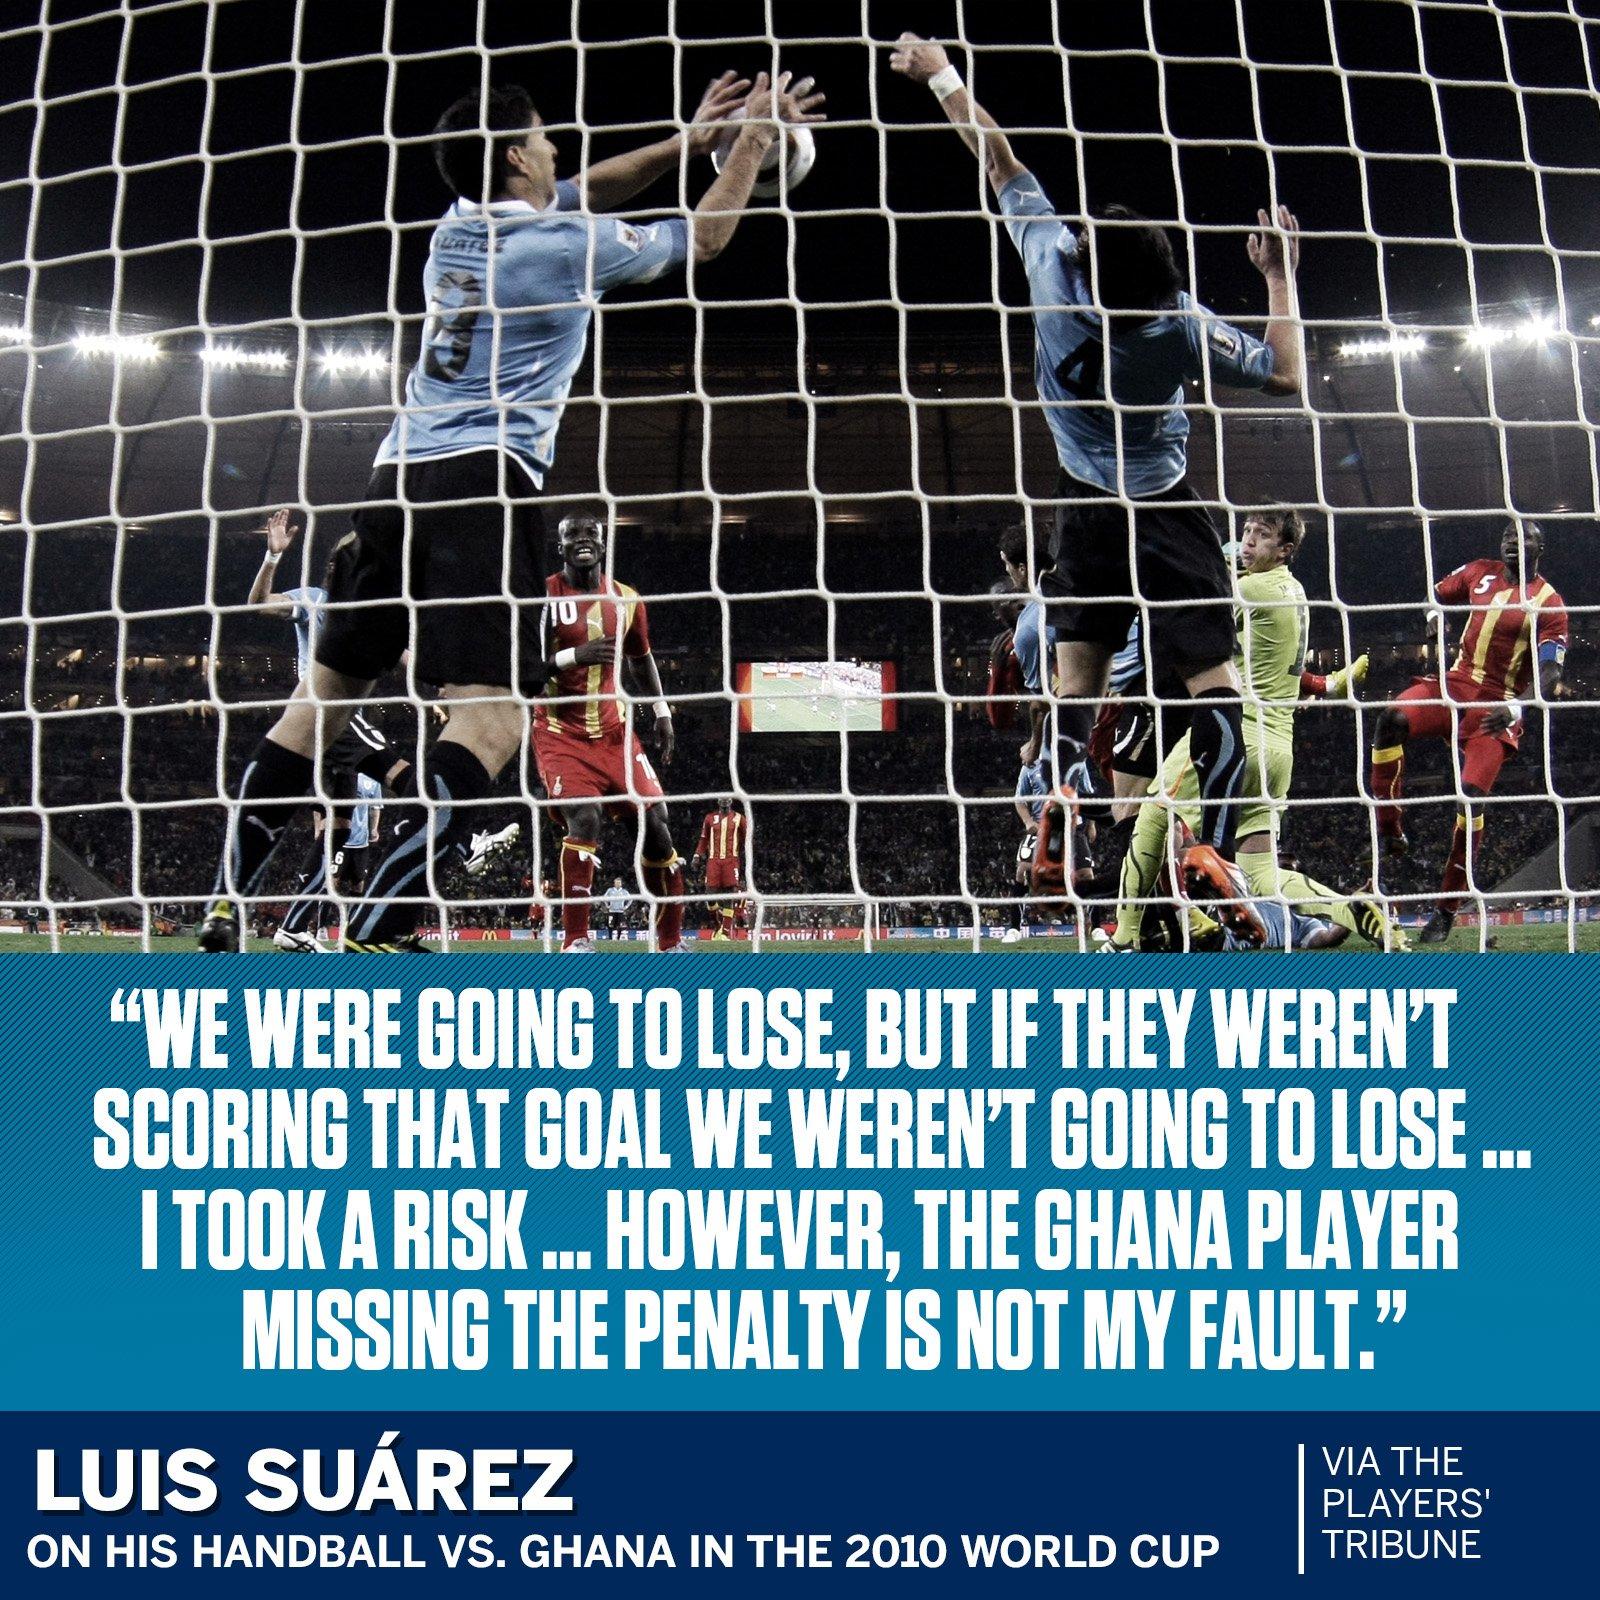 Luis Suarez reflects on his infamous handball. https://t.co/eifZPIt4JS